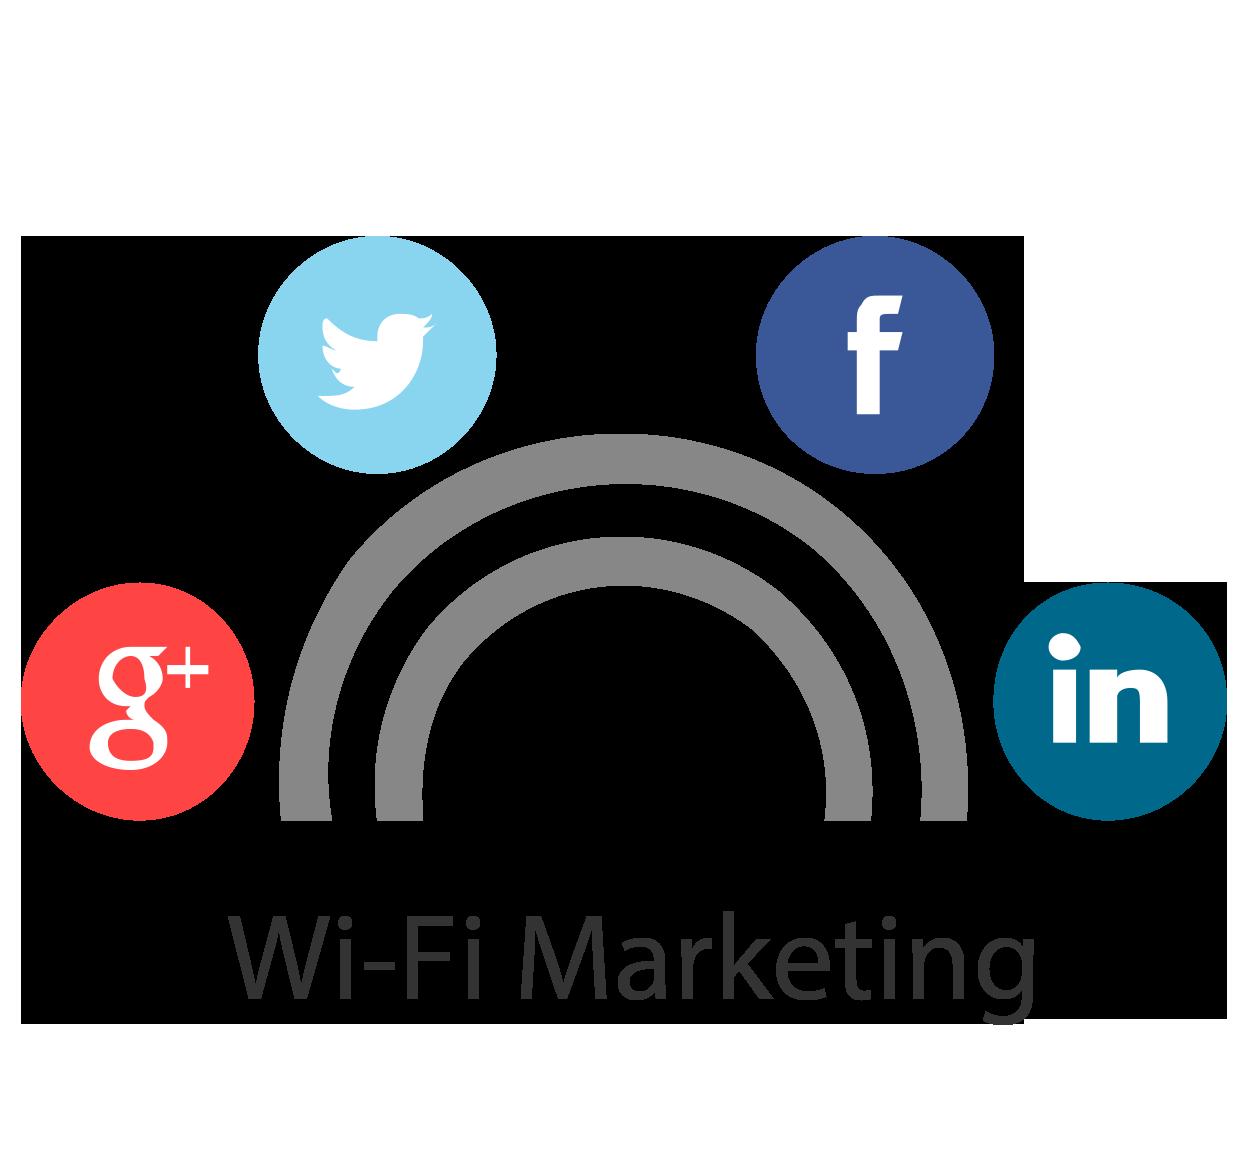 Wifi marketing cho nhà hàng